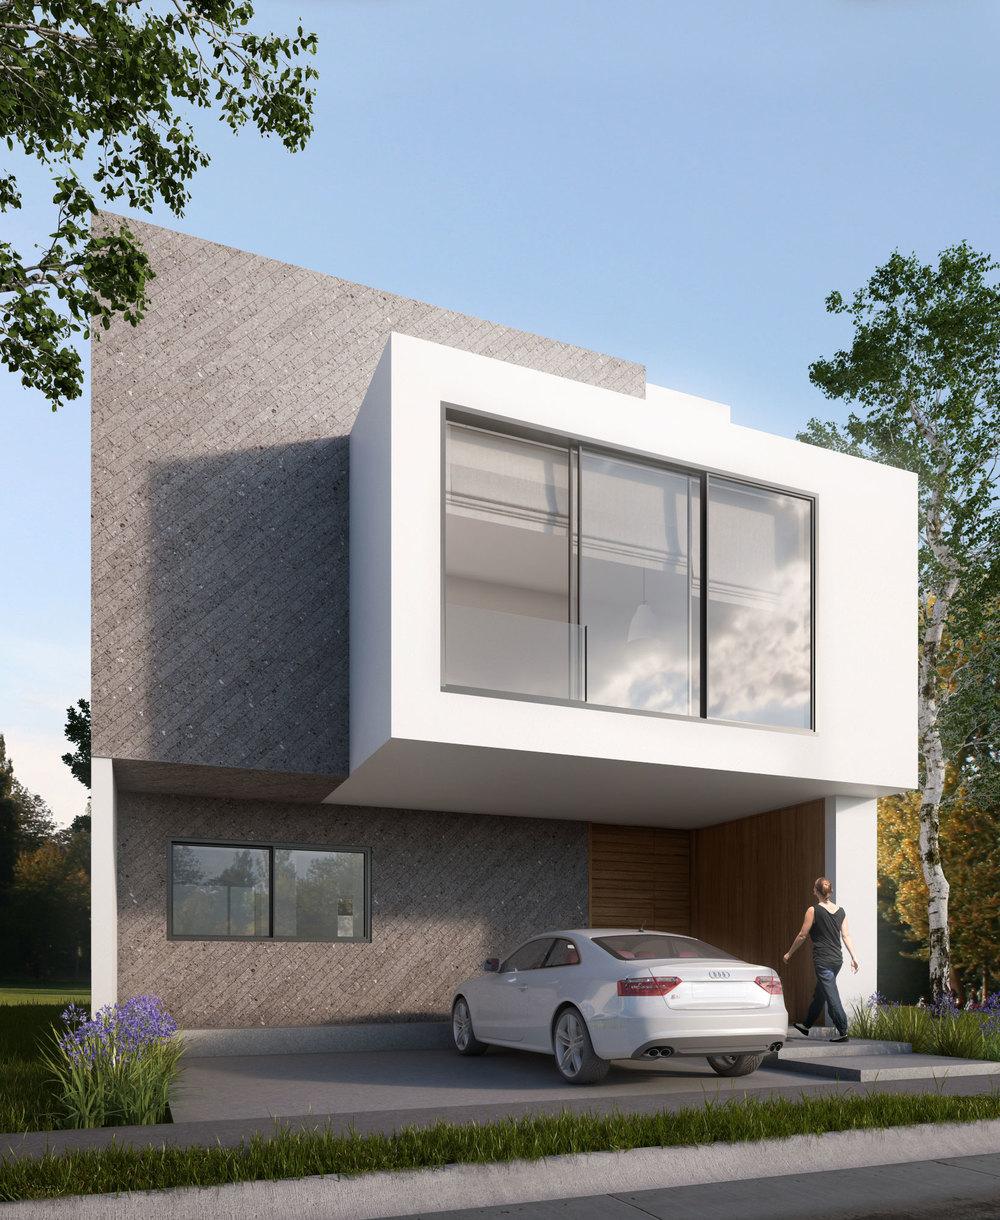 Tipo: Casa Habitación  Área de Construcción: 224.24 m2  Rendering: DOM Visuals   Inicio de obra: Abril 2016  Ubicación: Zapopan, Jal.